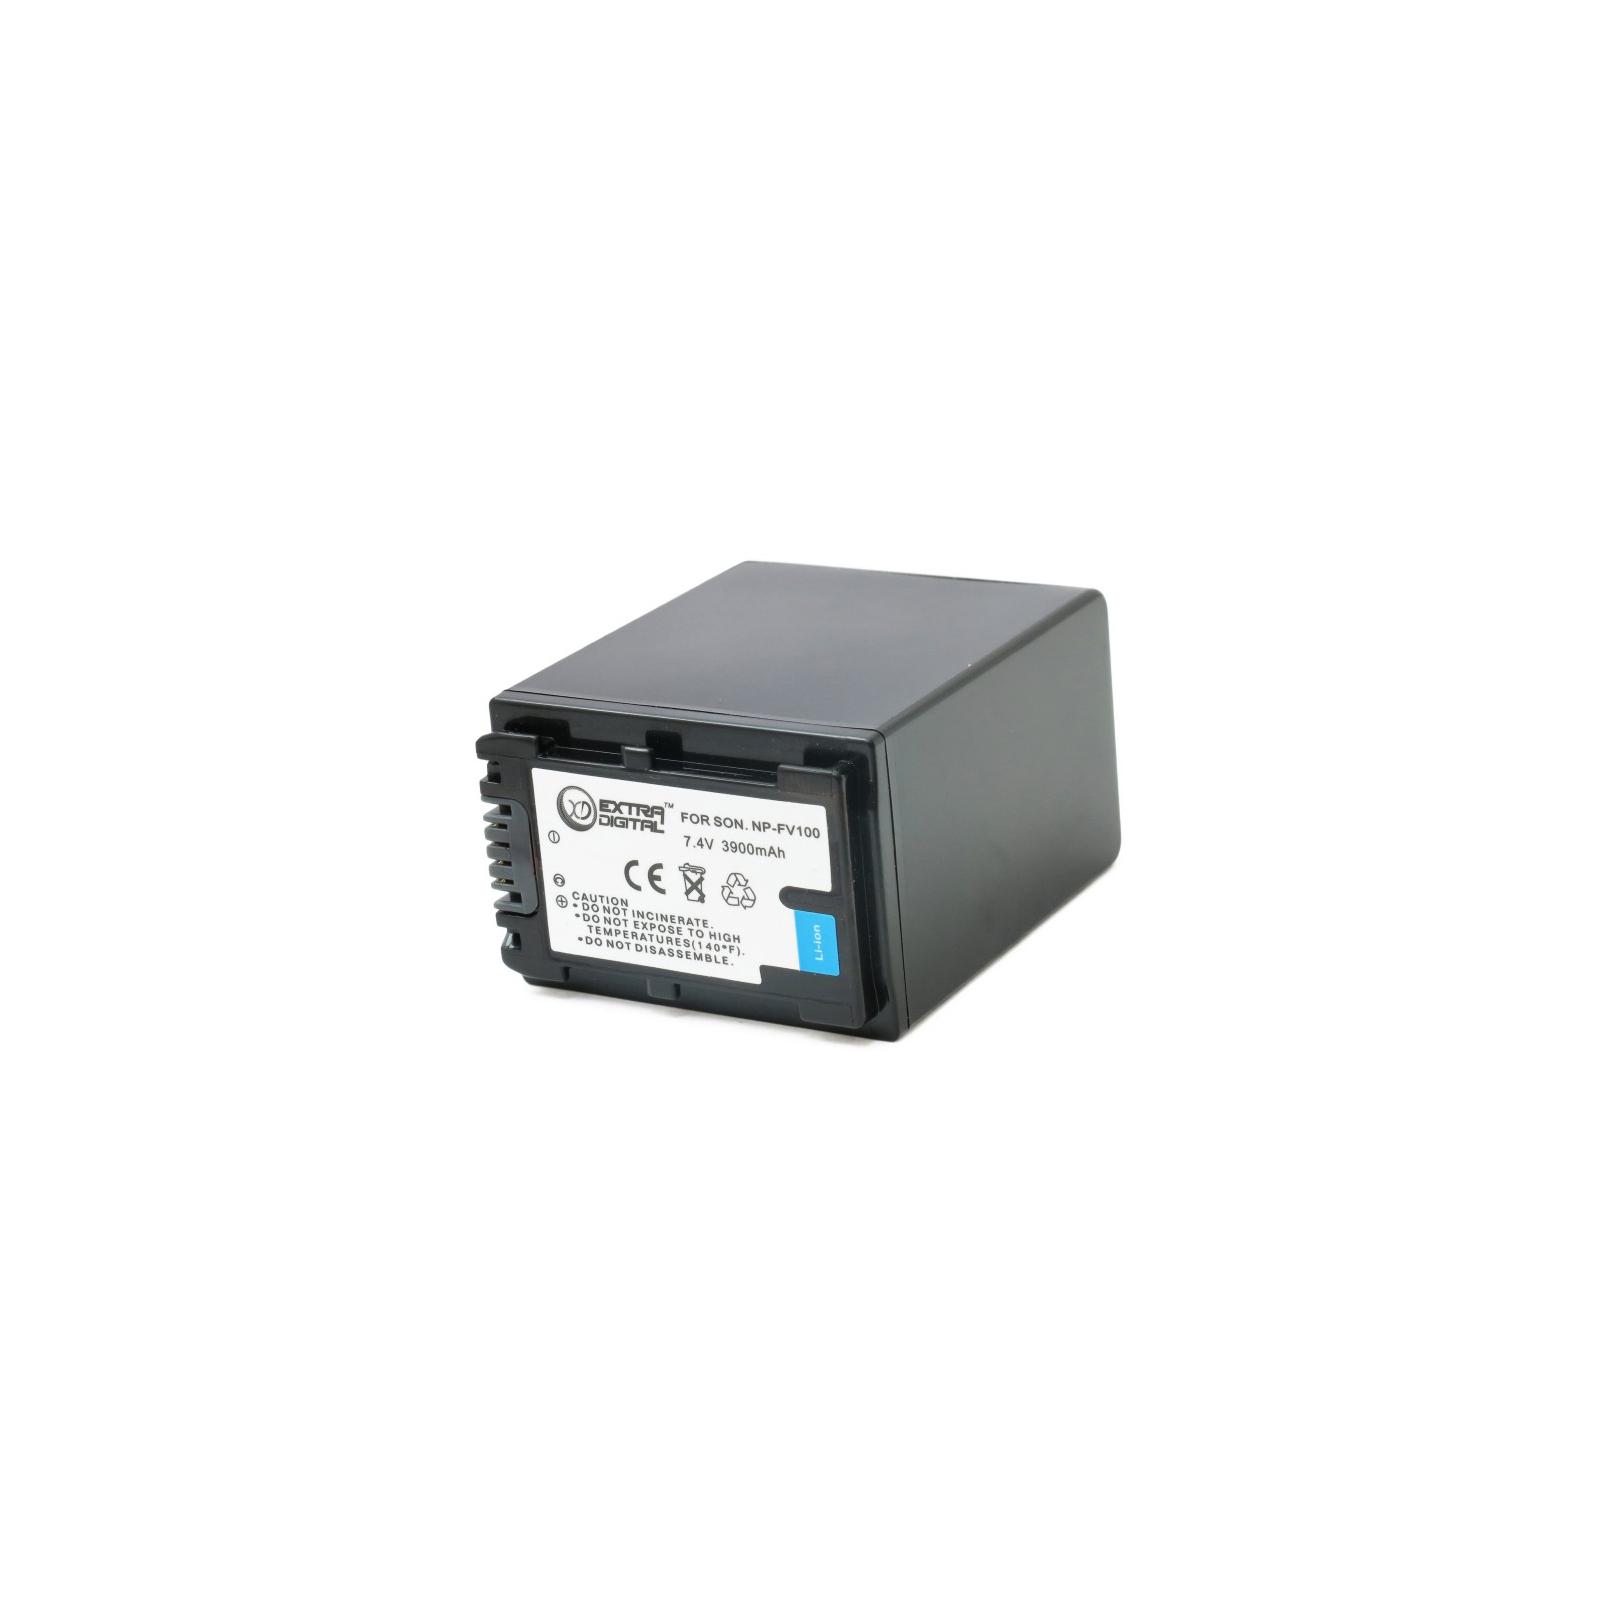 Аккумулятор к фото/видео EXTRADIGITAL Sony NP-FV100 (BDS2674 / DV00DV1271) изображение 2